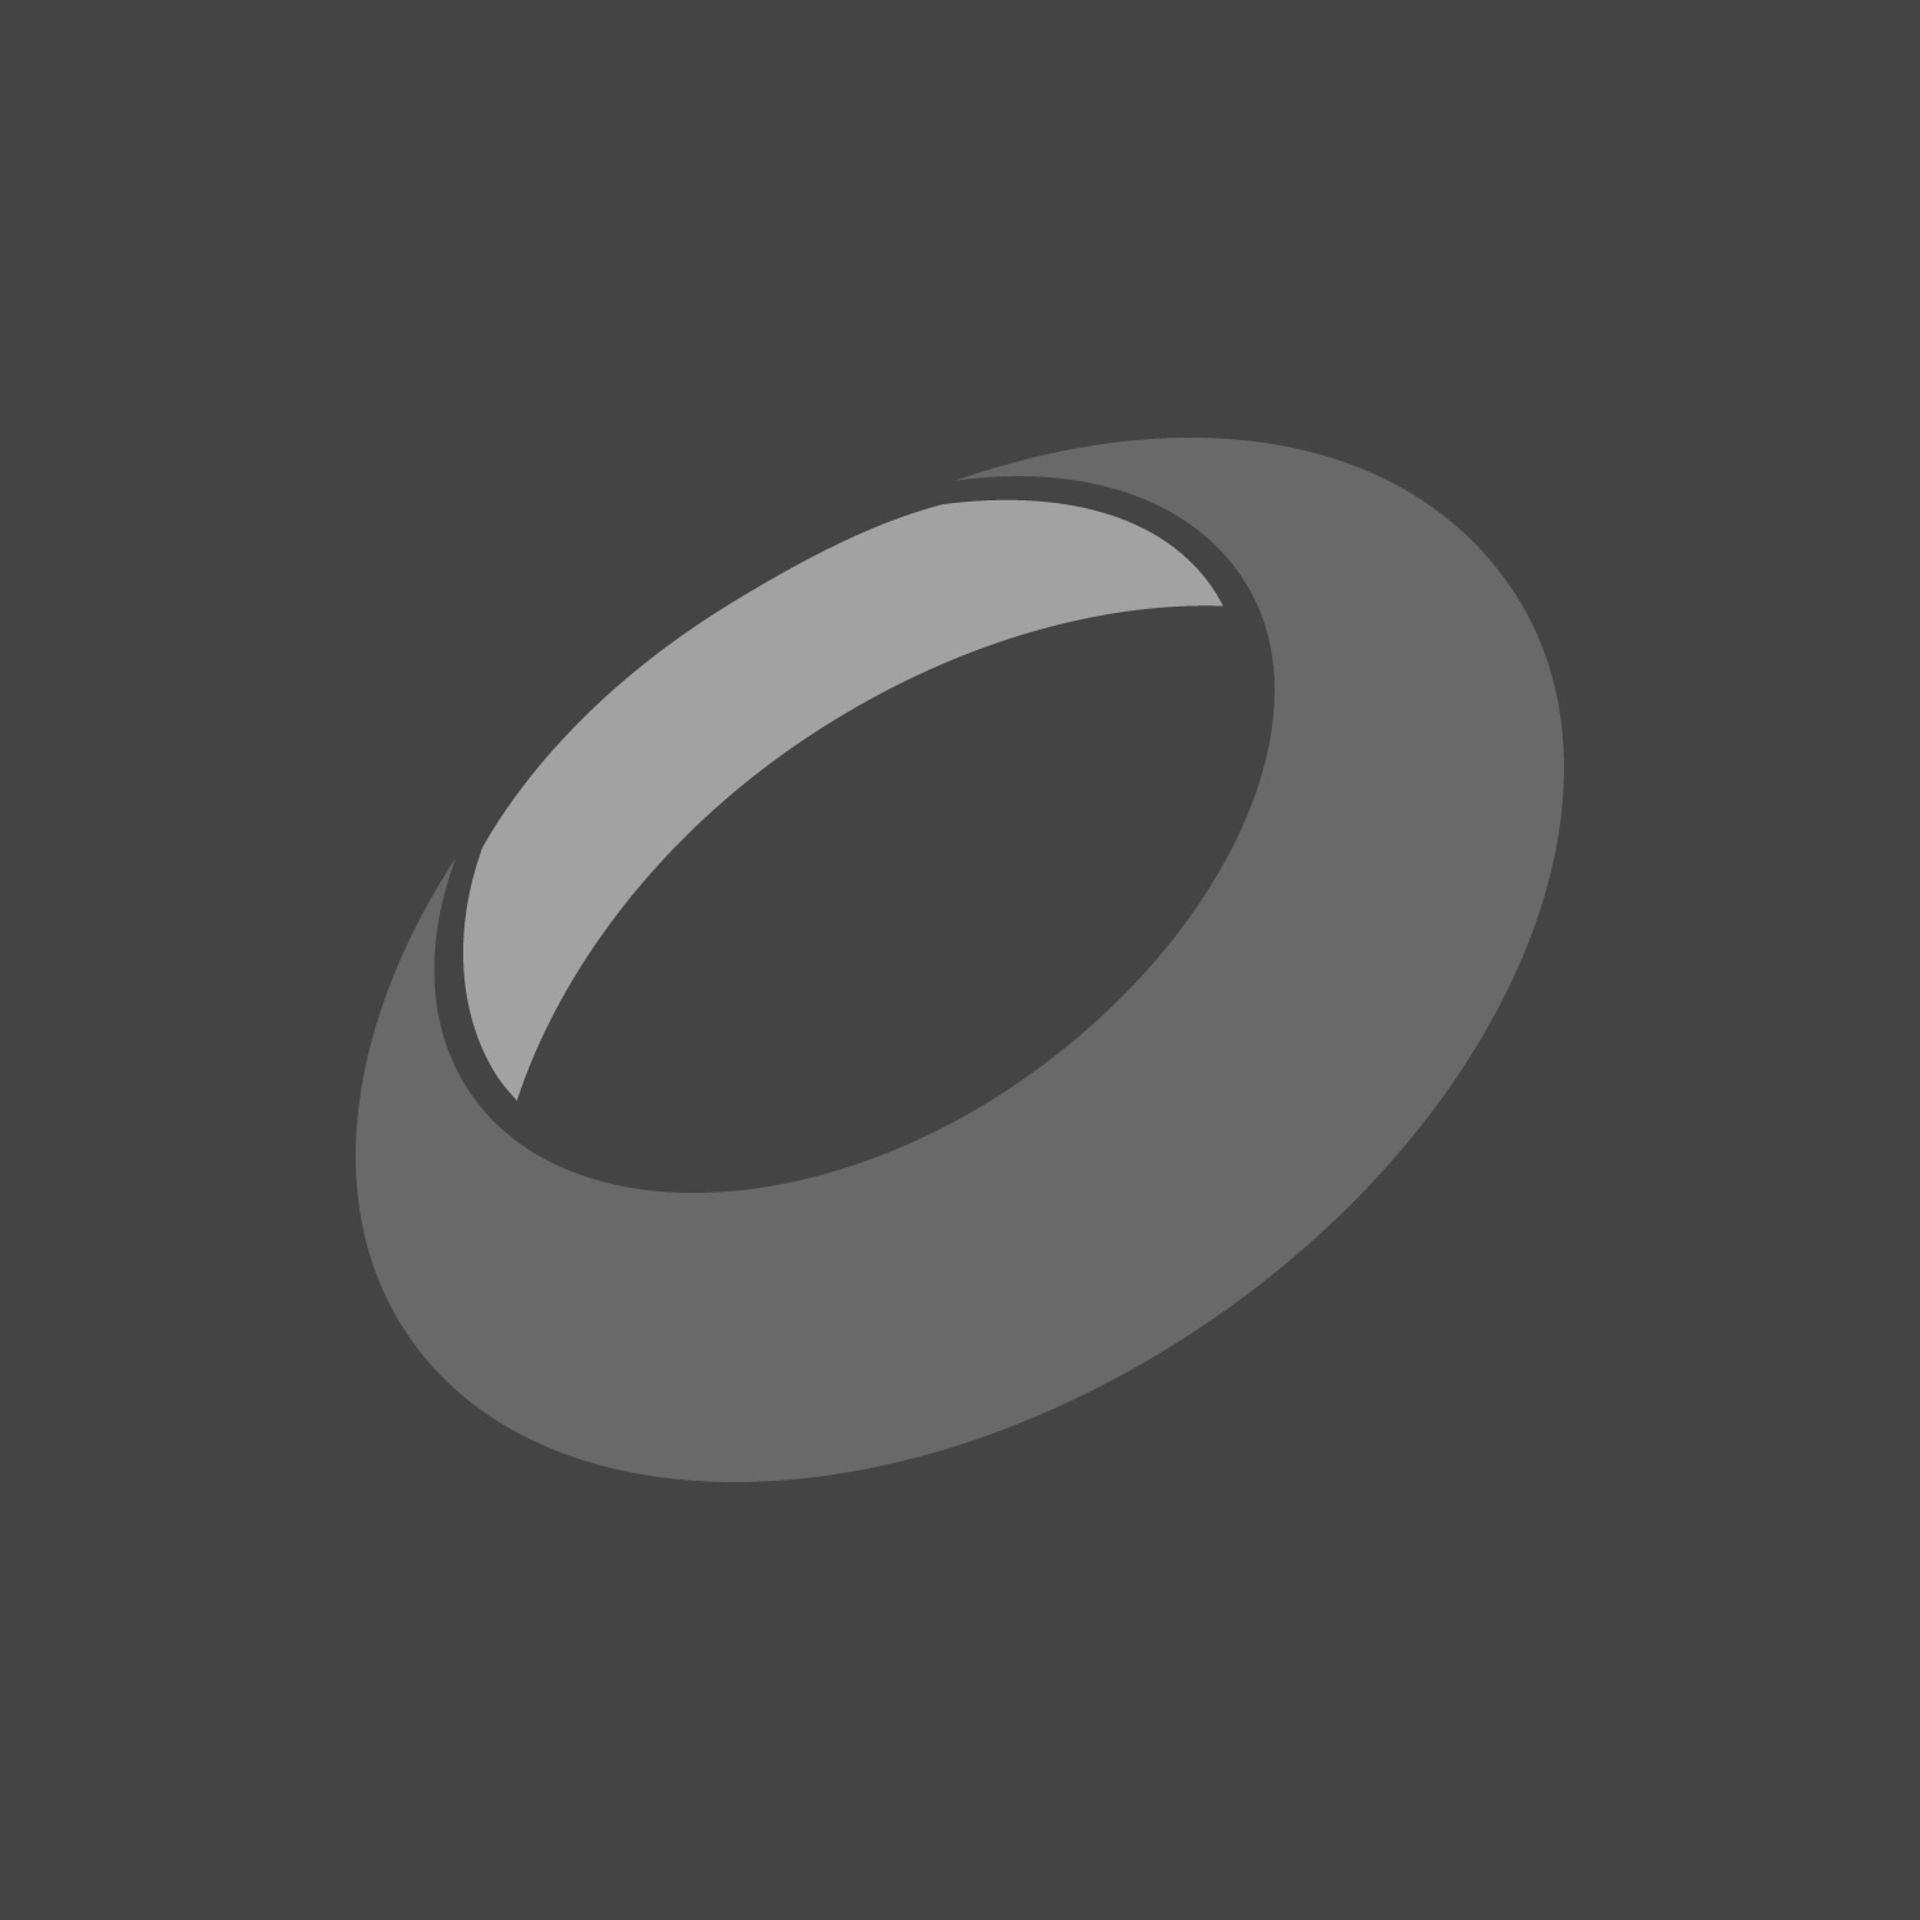 Le point de vue - Invité - Mariage royal, engouement général, pourquoi ? - 17/05/2018